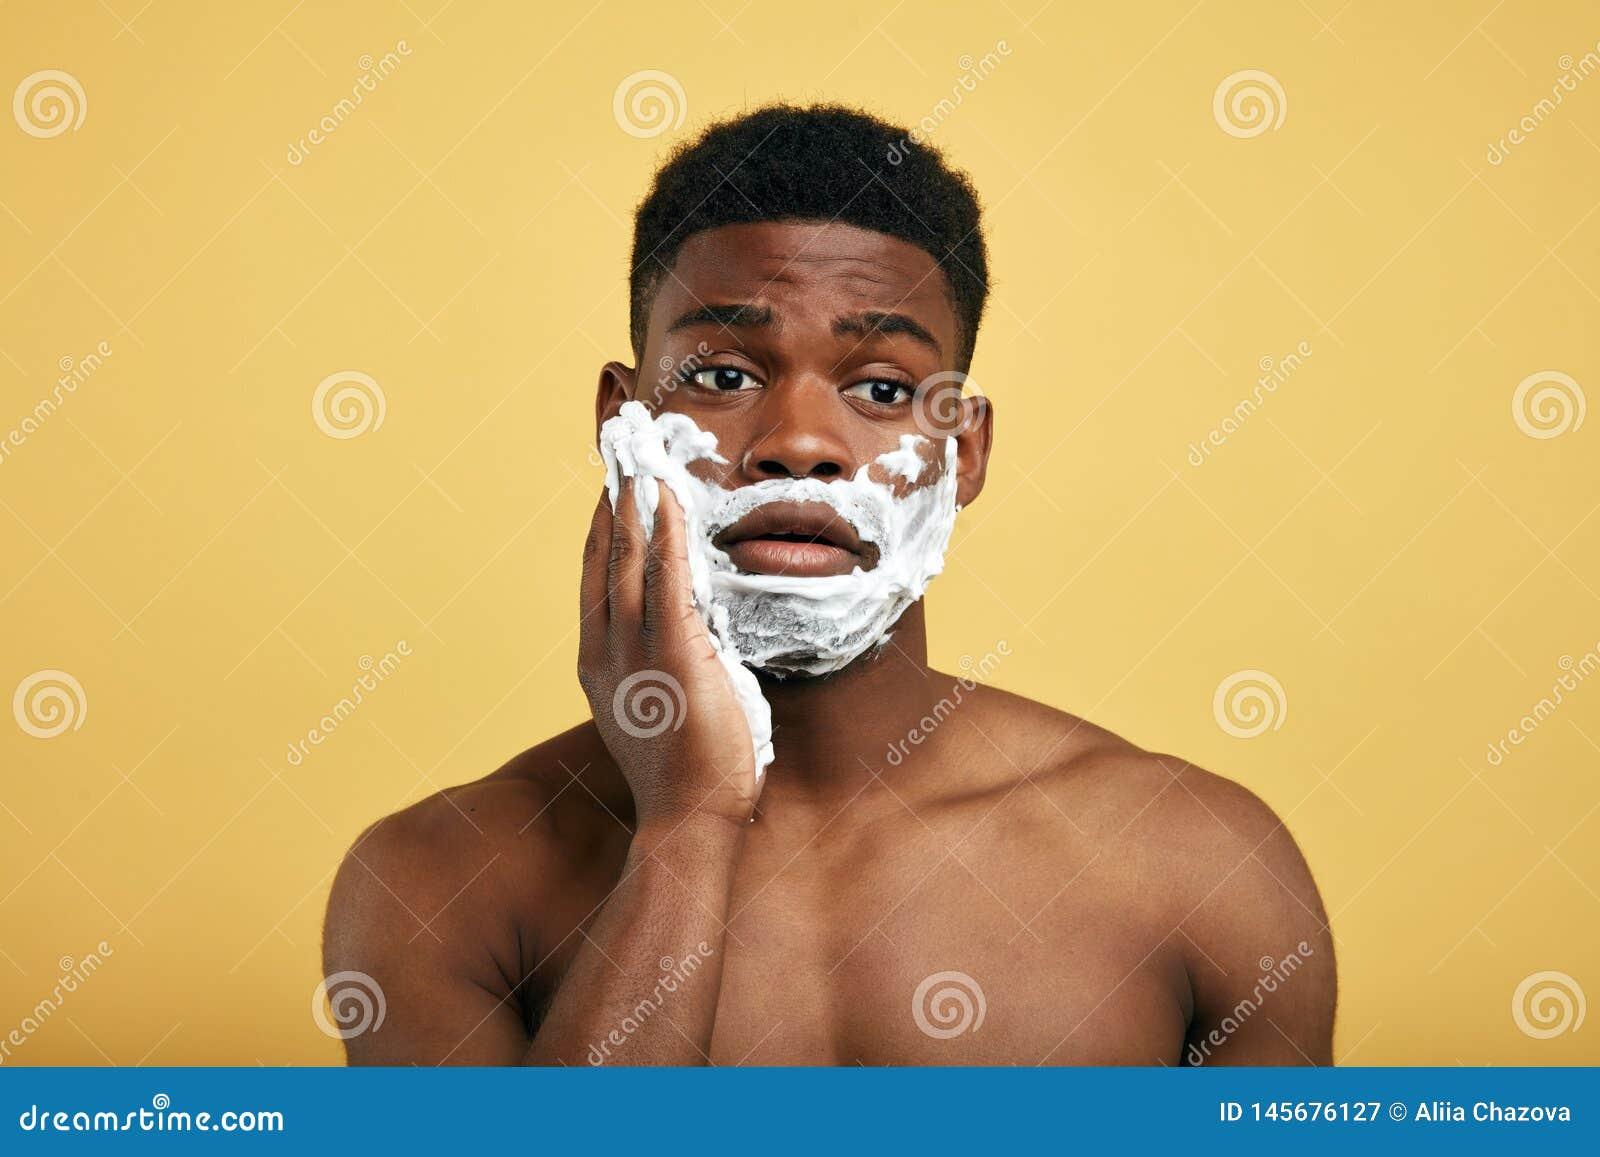 Νέο όμορφο άτομο που έχει τα προβλήματα με το δέρμα κατά τη διάρκεια του ξυρίσματος της γενειάδας του